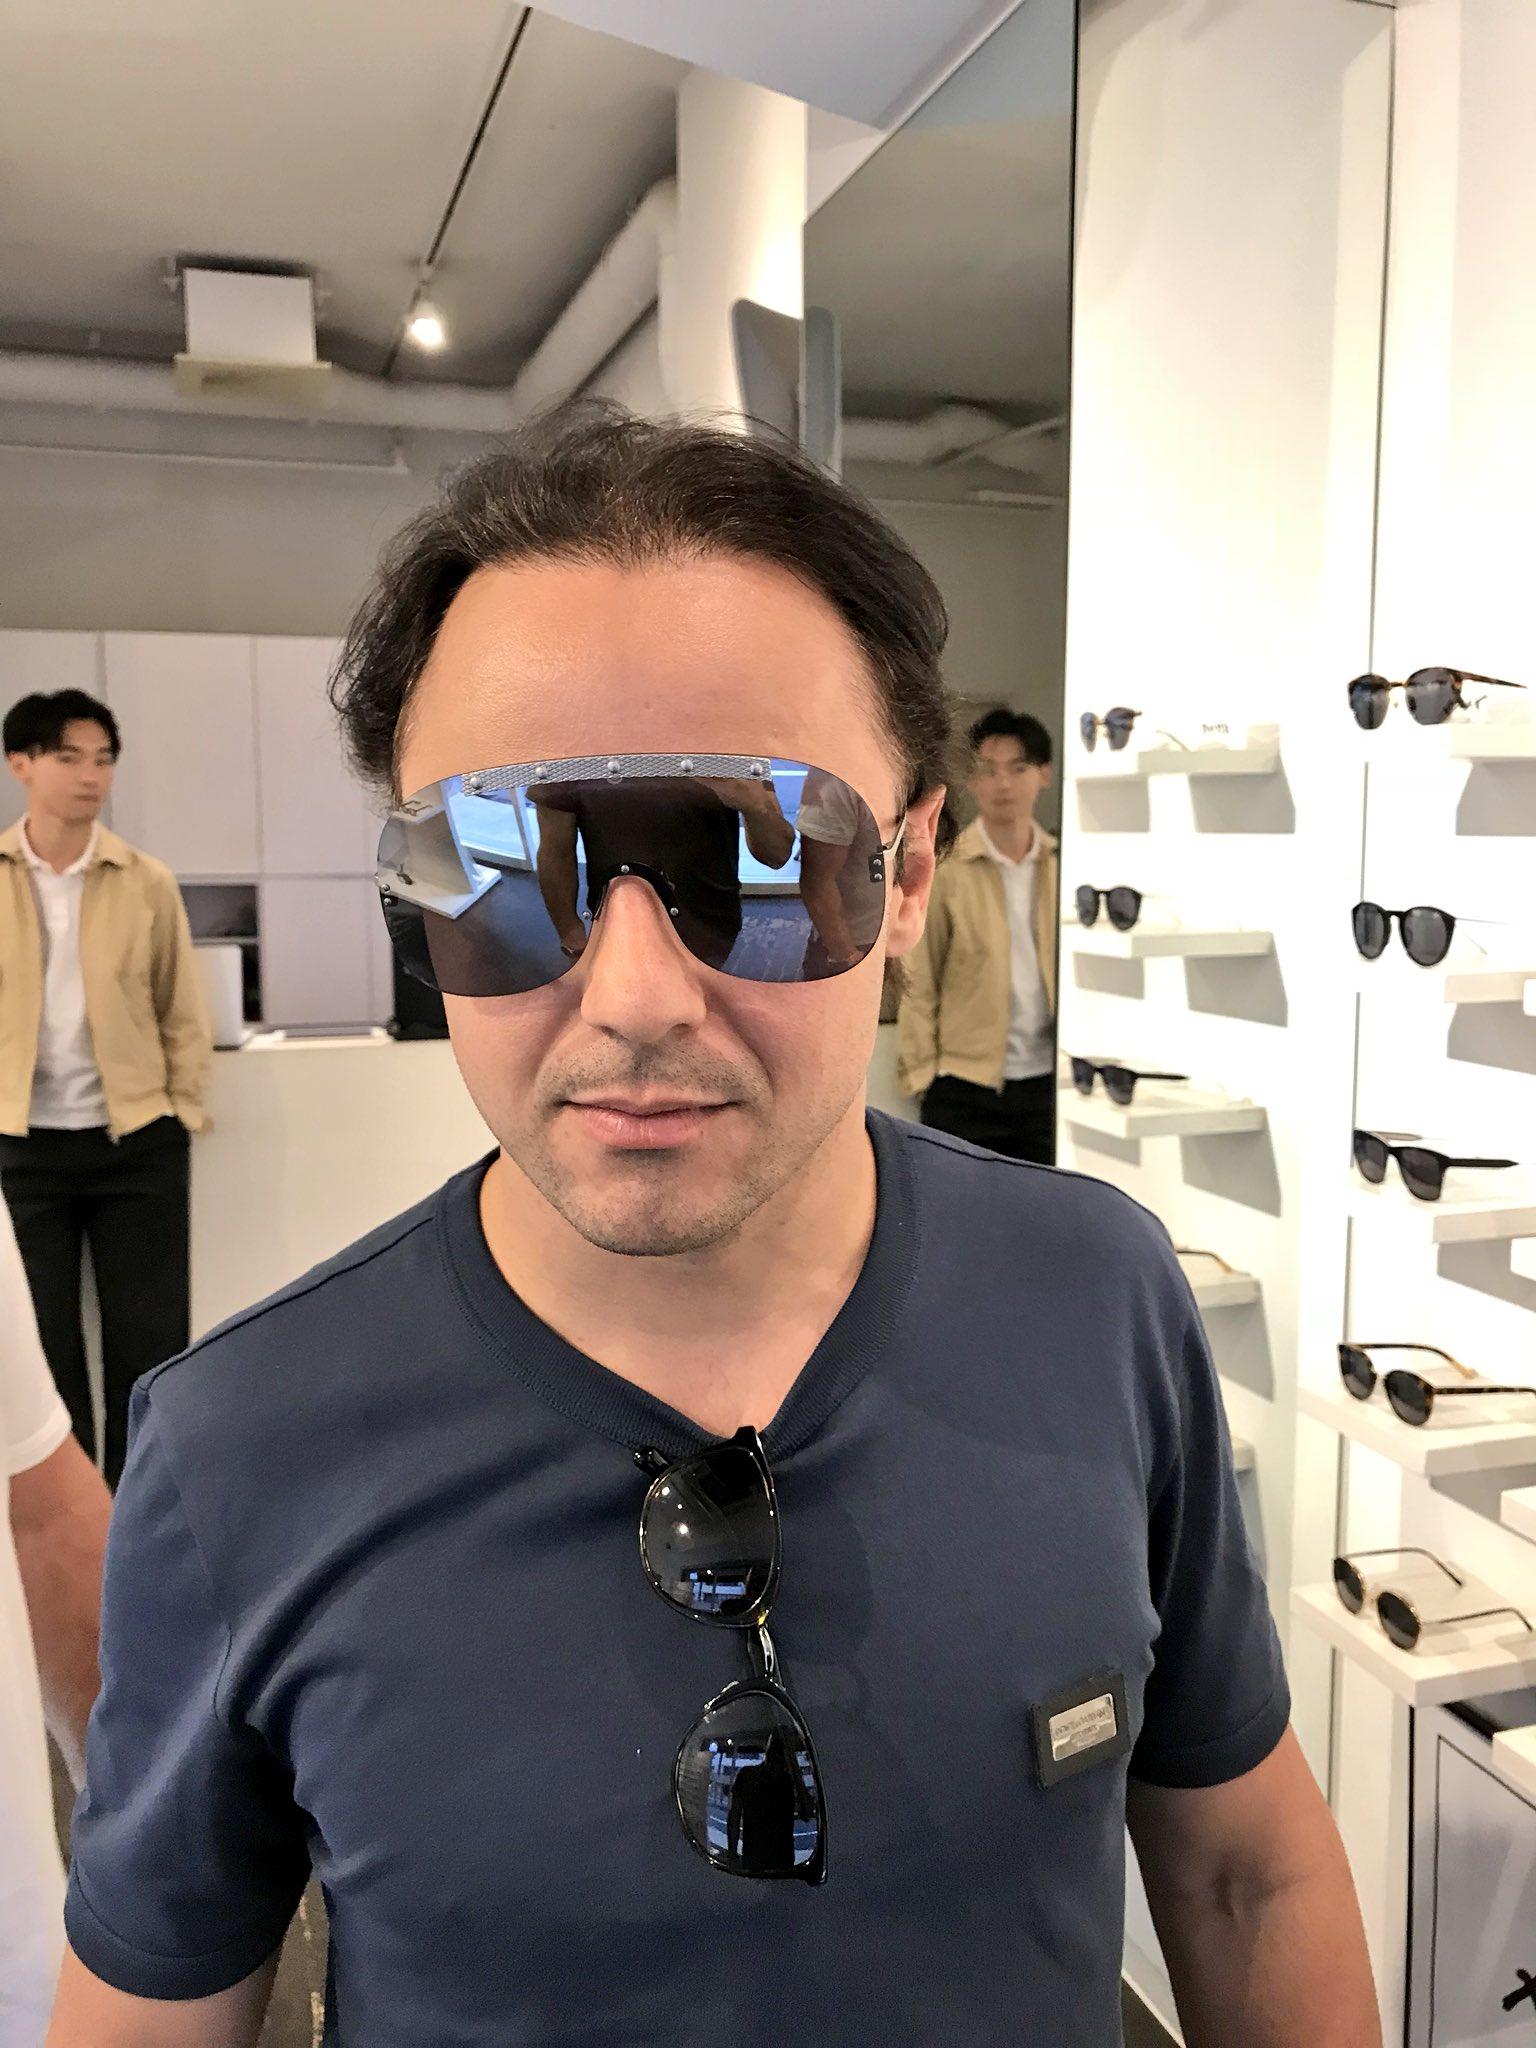 新しいサングラス @MassaFelipe19 ���� shopping sunglasses in Tokyo https://t.co/RgzDrAX0EX